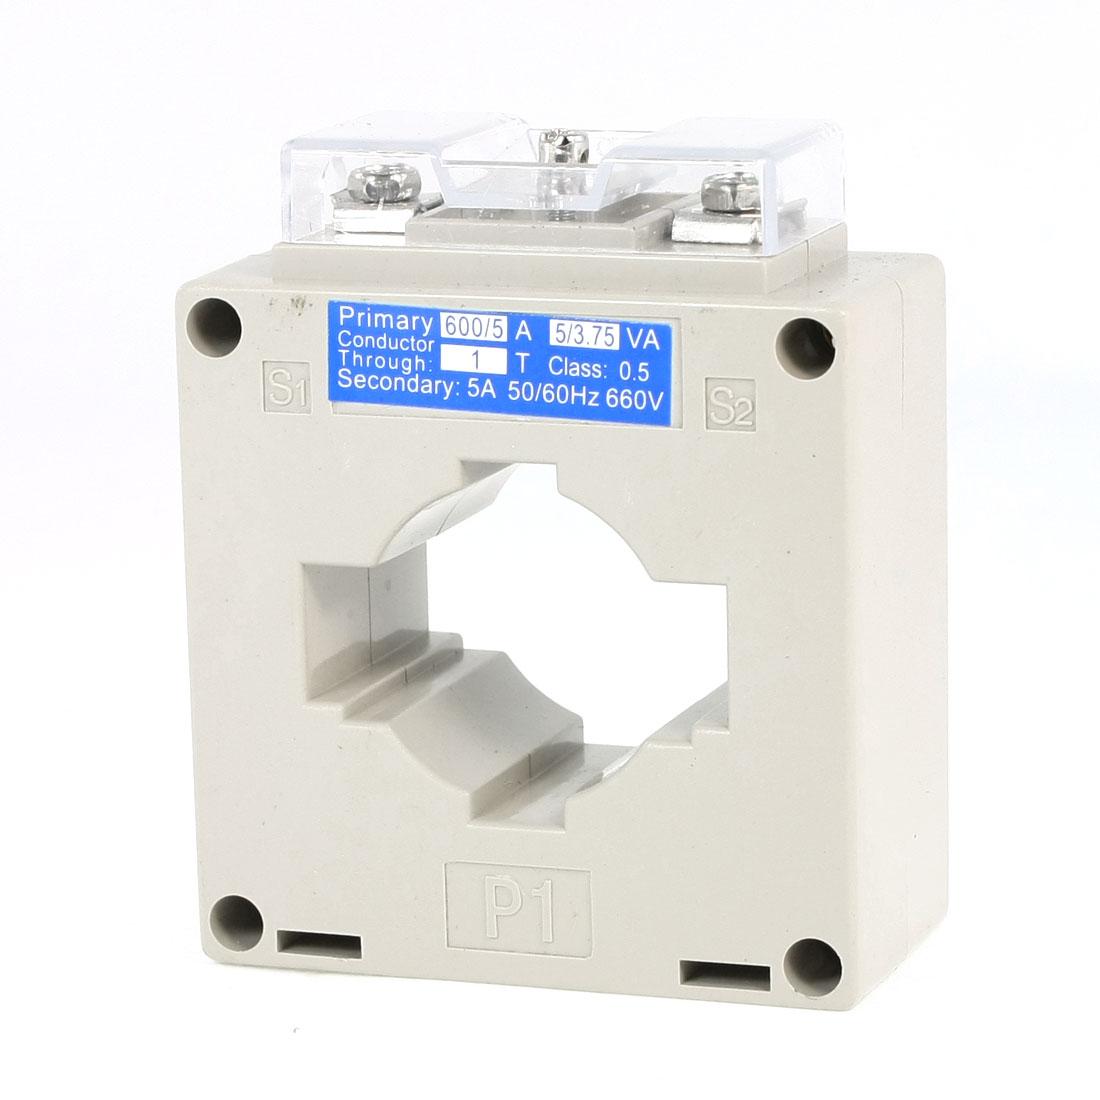 0.66KV 50/60Hz 0.5 Accuracy 600/5 Current Transformer BH-0.66CT 98mmx82mmx40mm